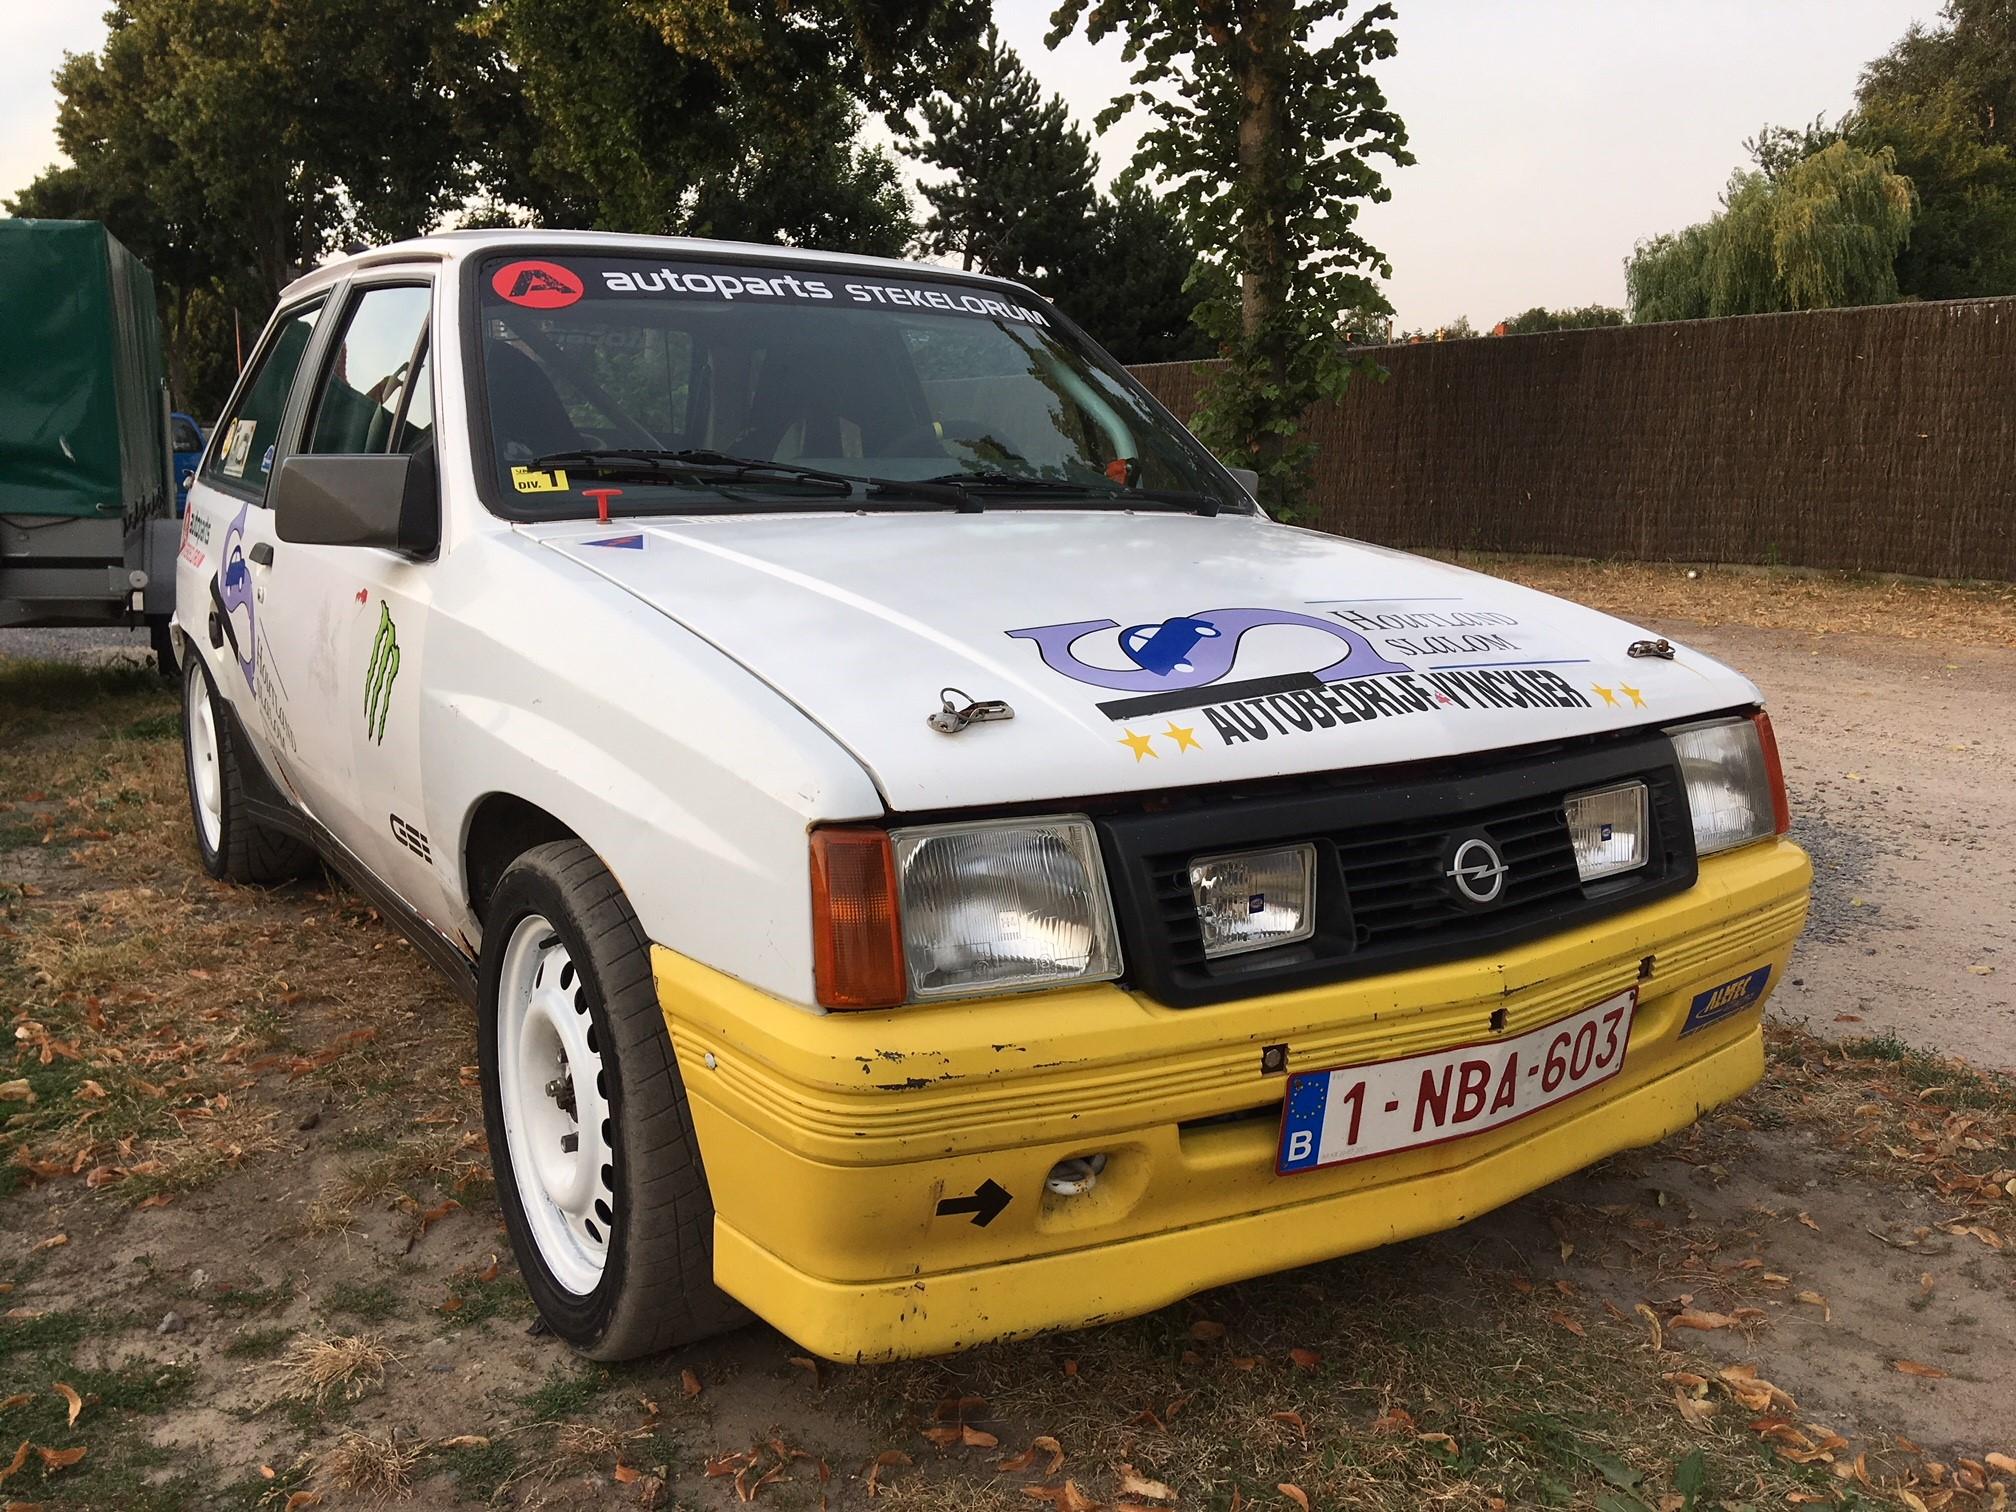 1041 - Opel - Corsa - a GSI - 1990